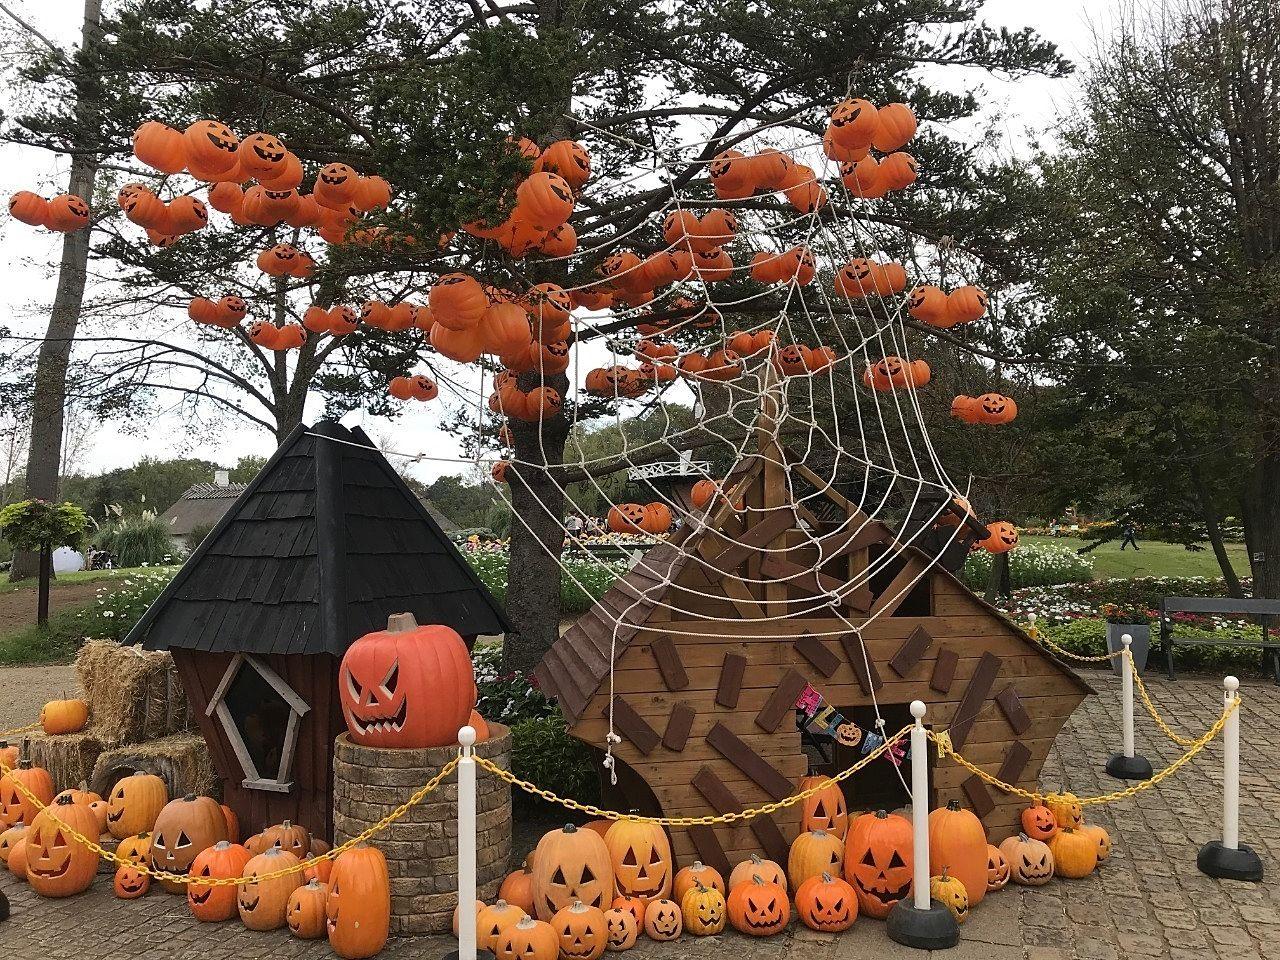 ふなばしアンデルセン公園はハロウィンの飾りつけがされています